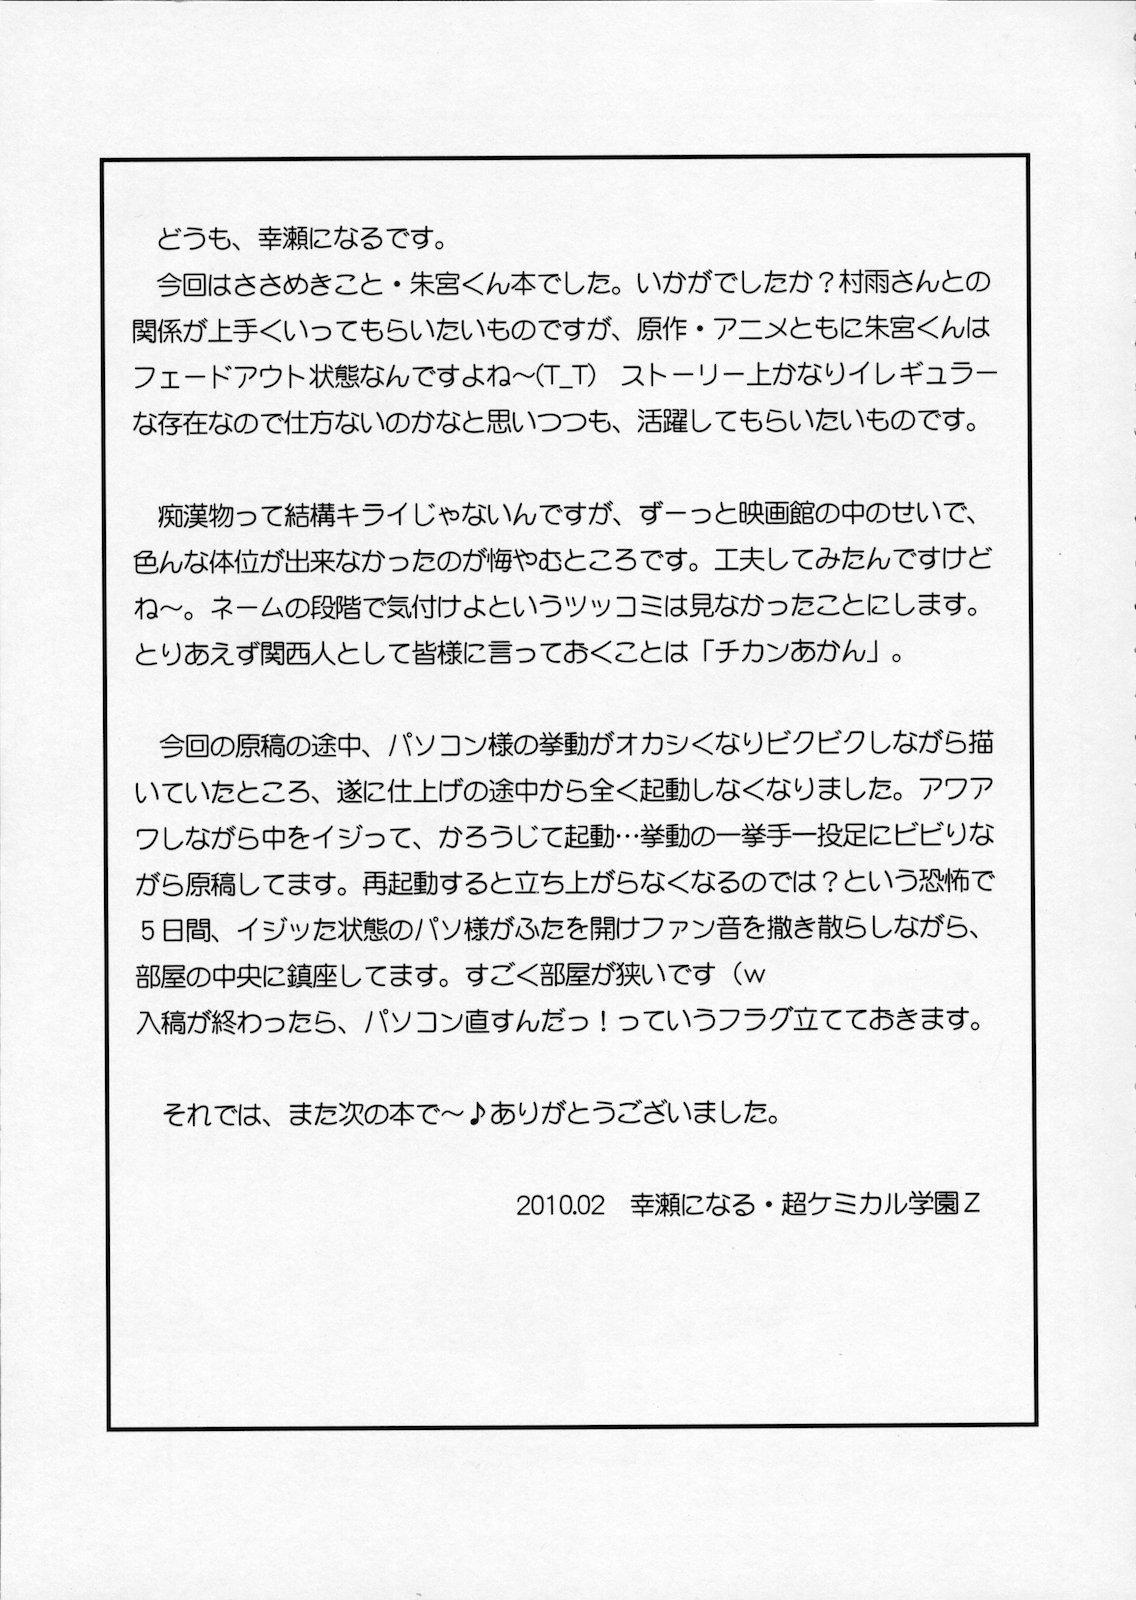 Moshi Honto ni Boku ga Otoko no Ko datta to shitemo... 22